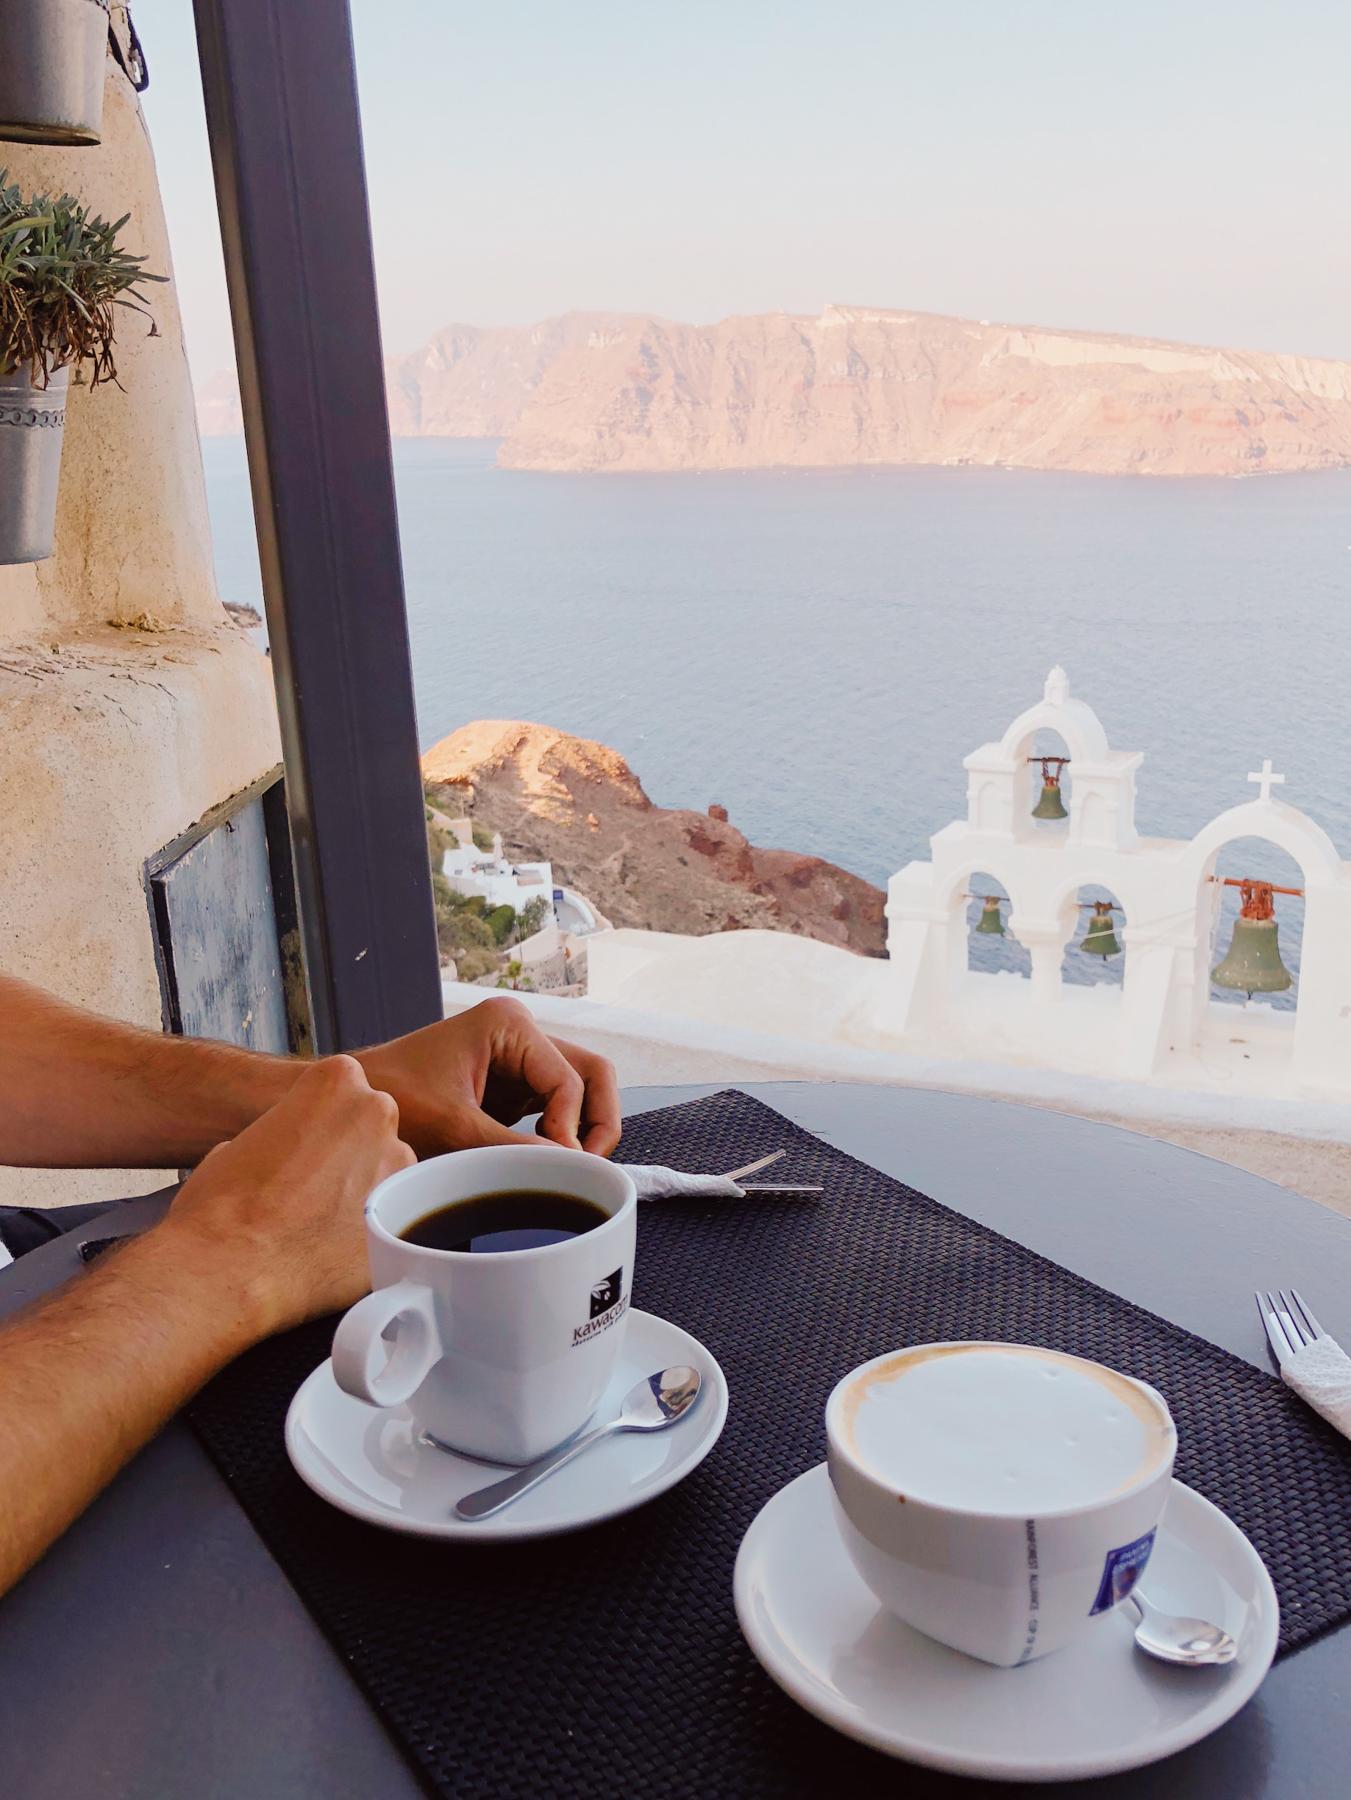 Morning view at Vitrin Cafe